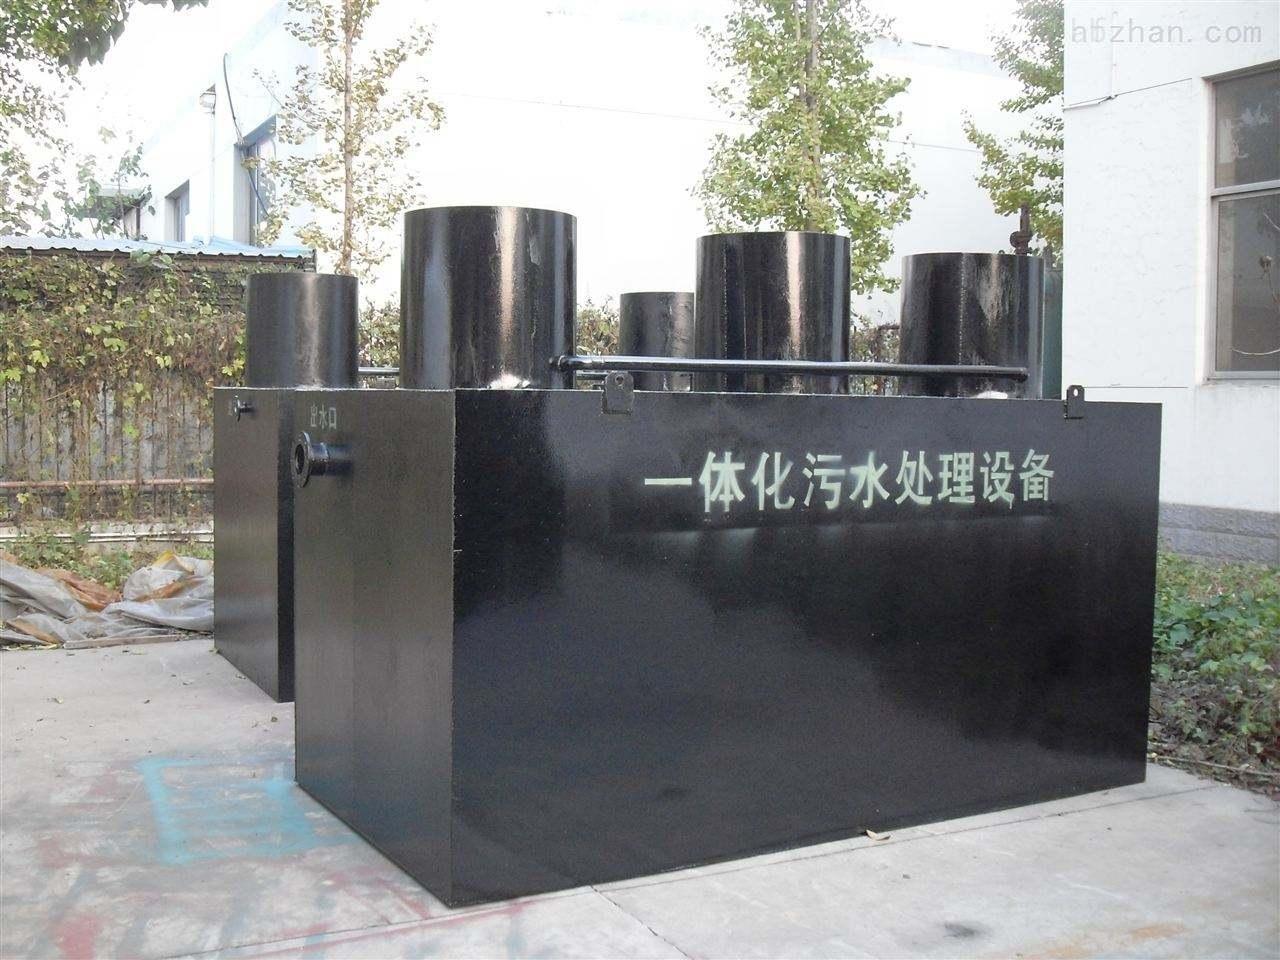 景观污水处理设备